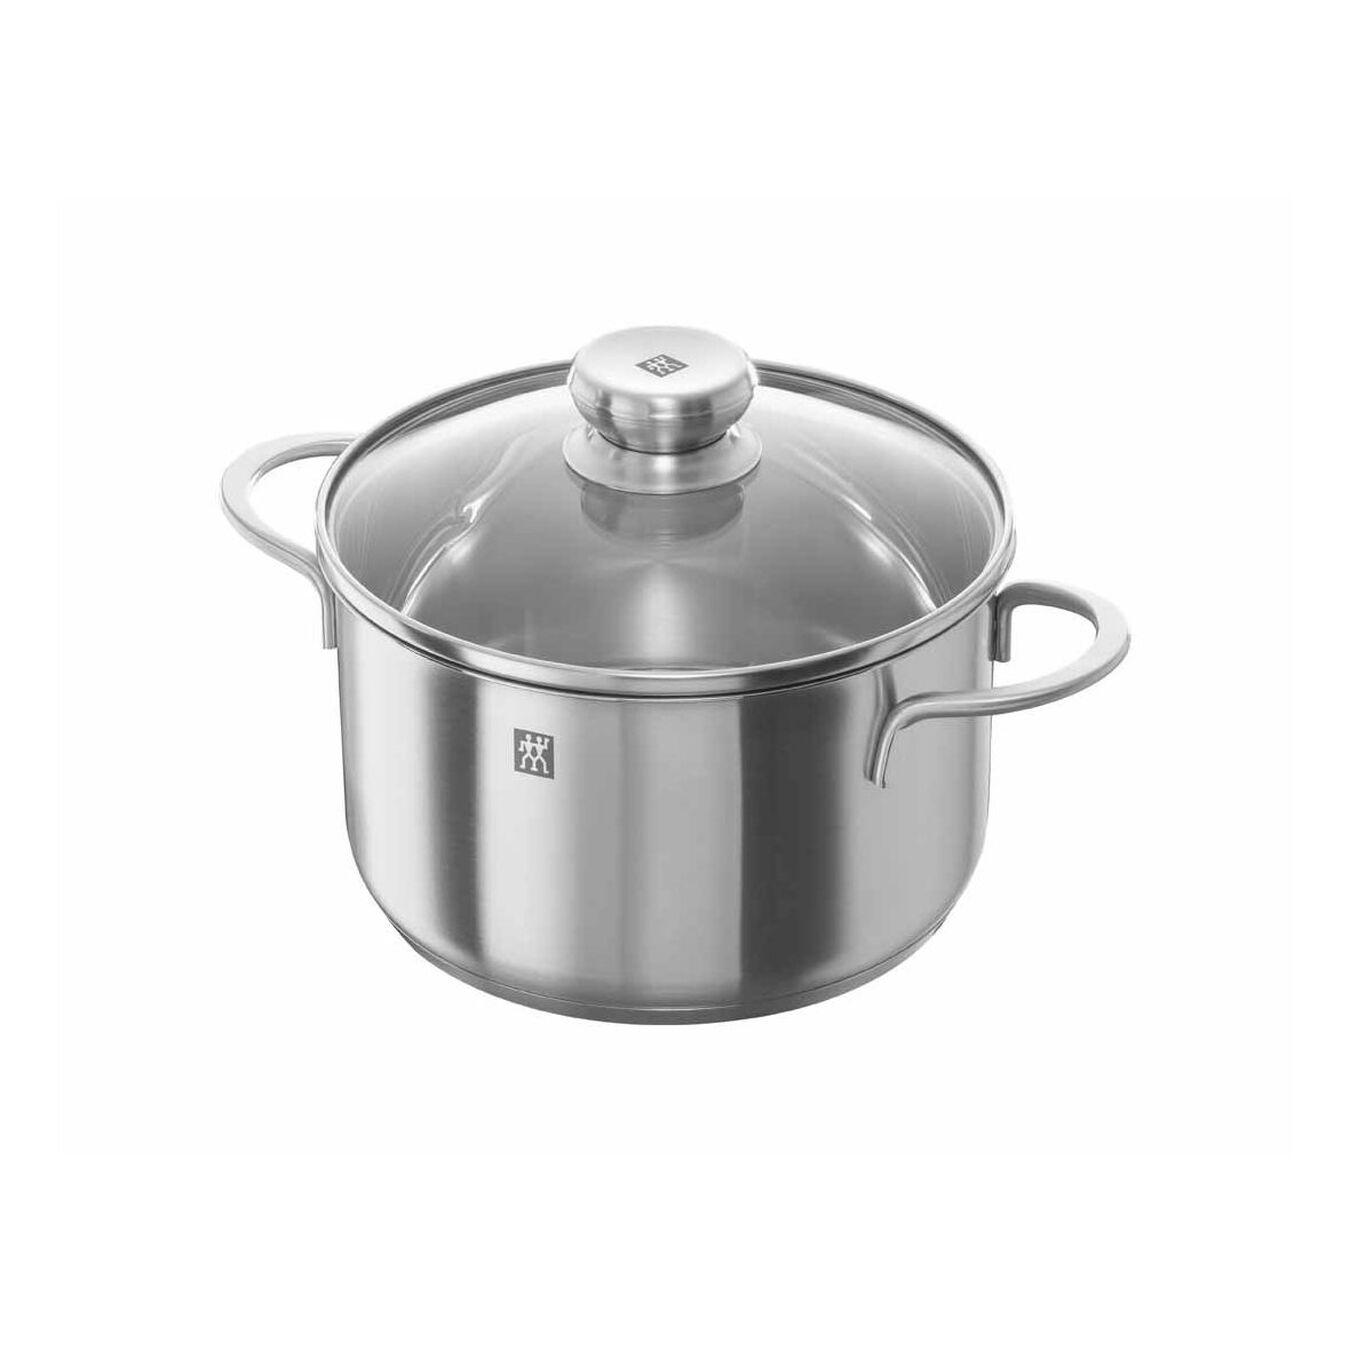 8-pcs 18/10 Stainless Steel Ensemble de casseroles et poêles,,large 2